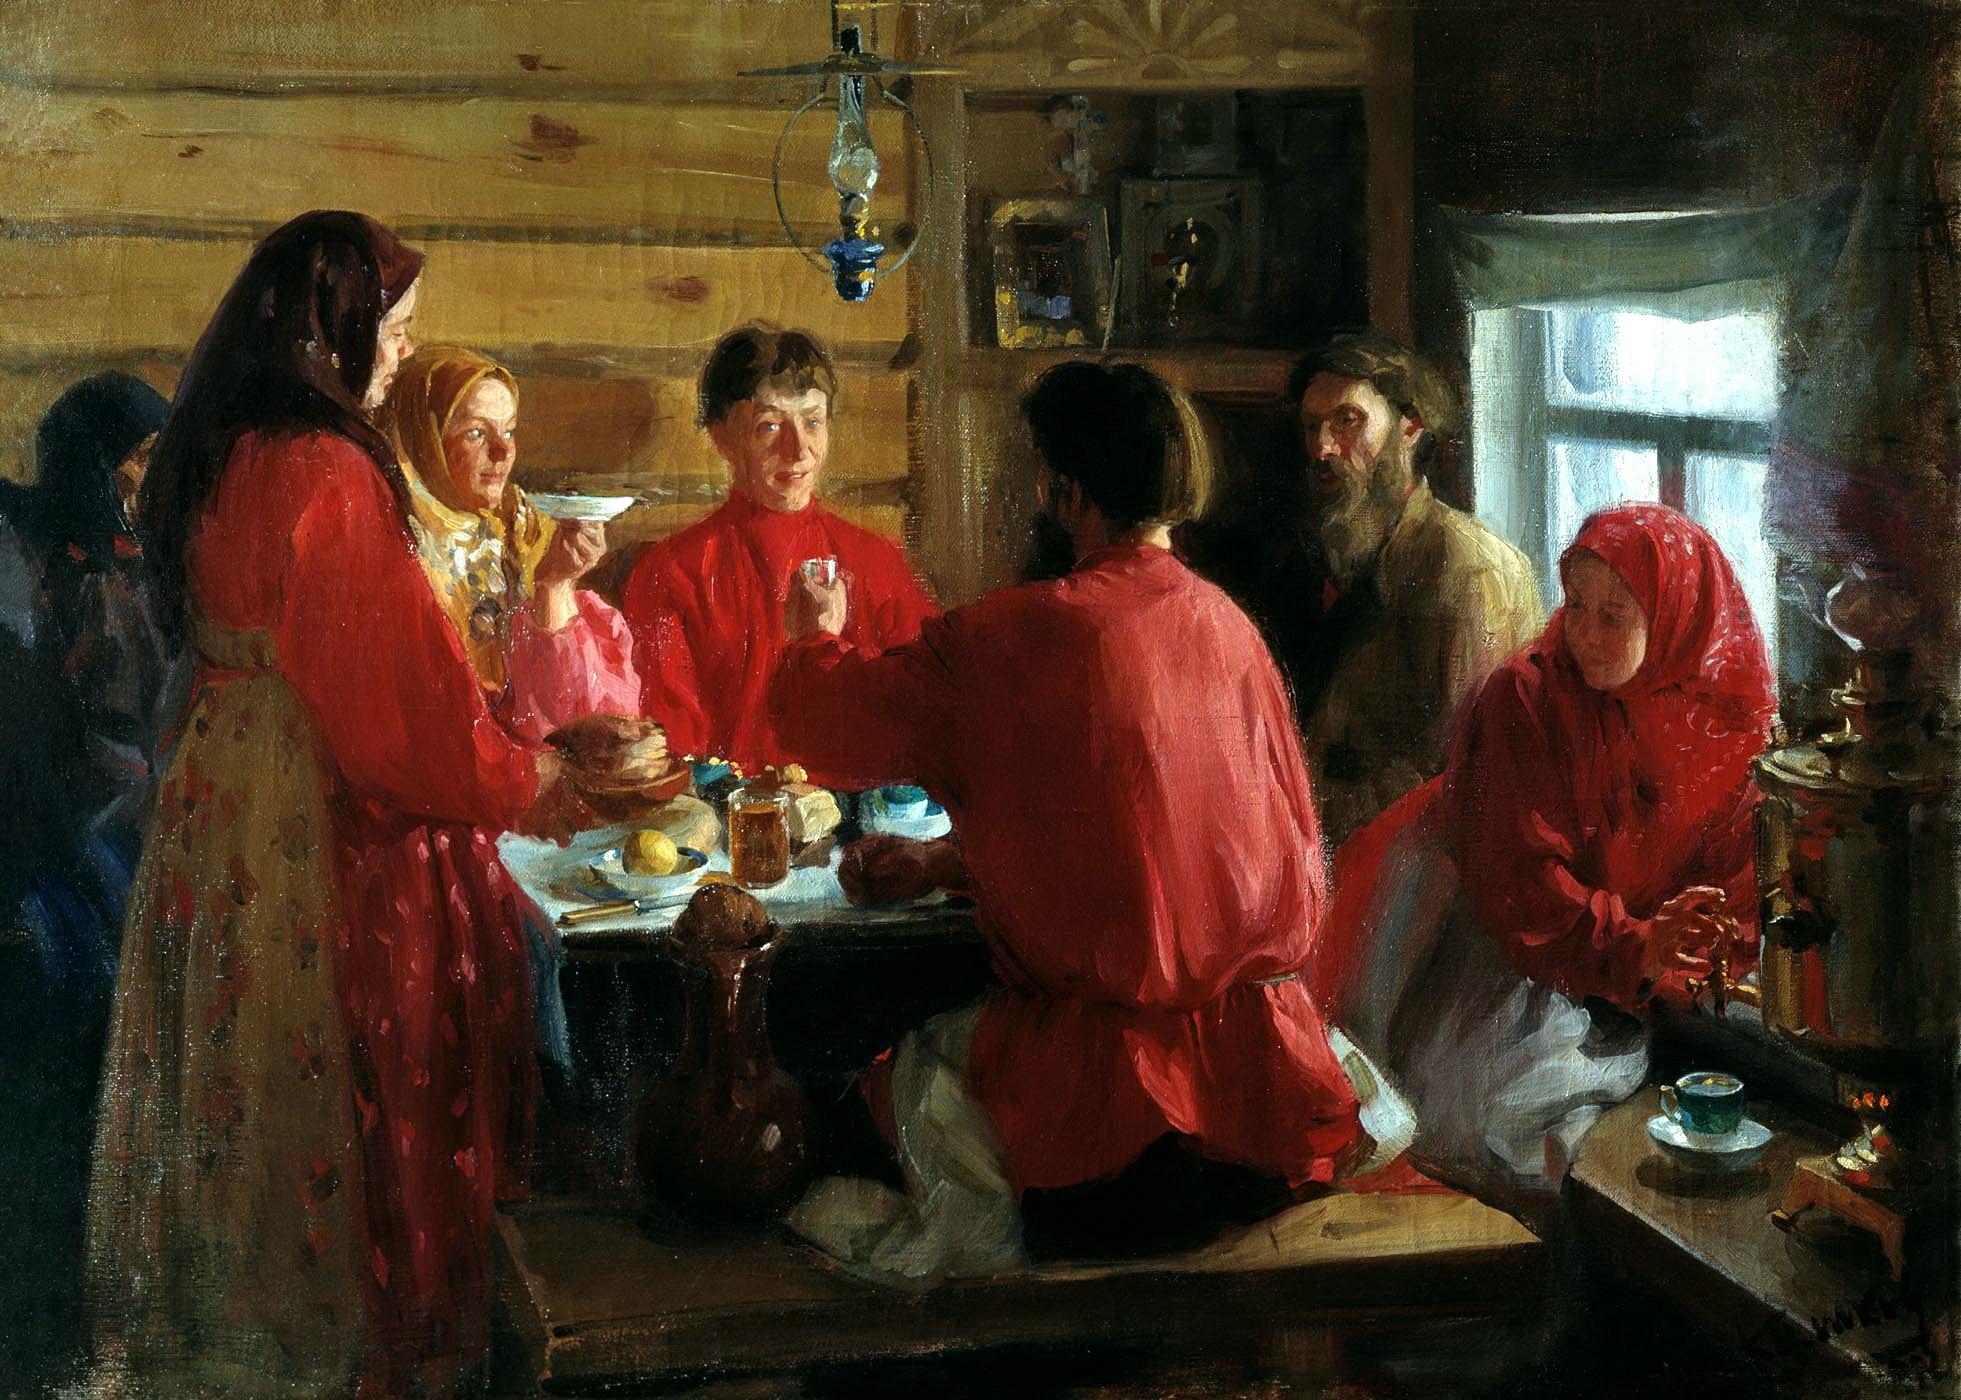 Картинка крестьянской семьи